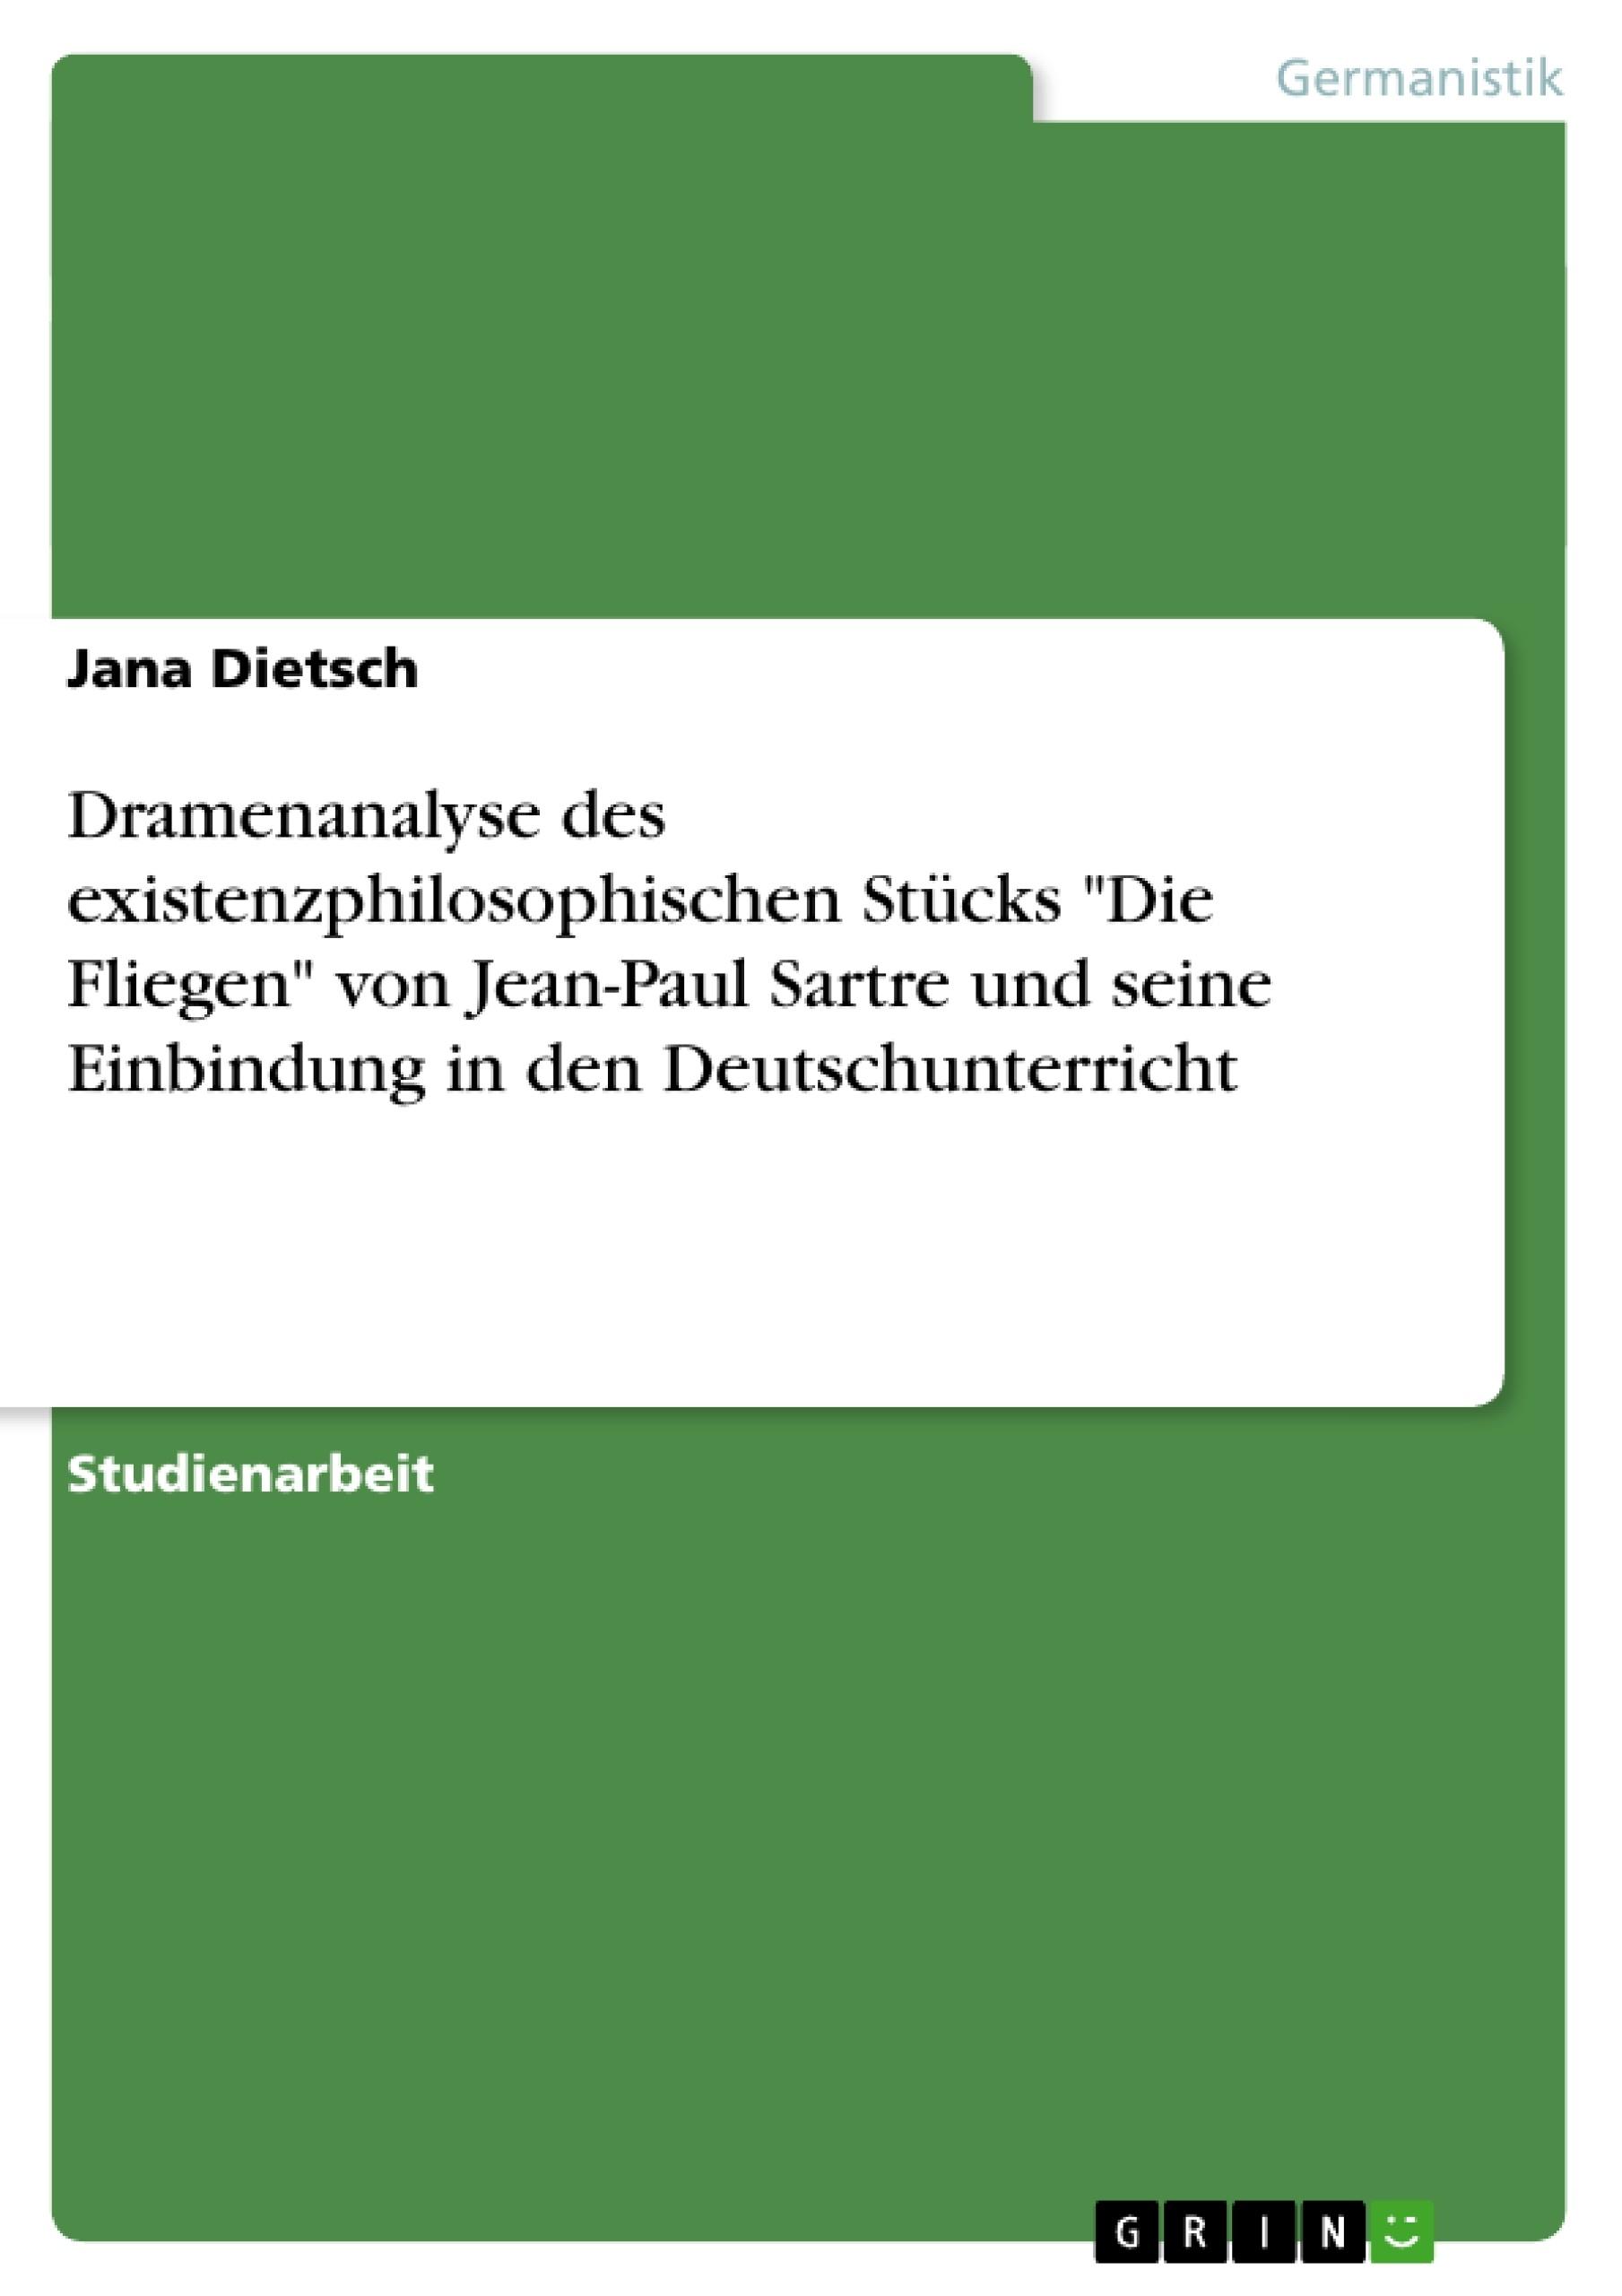 """Titel: Dramenanalyse des existenzphilosophischen Stücks """"Die Fliegen"""" von Jean-Paul Sartre und seine Einbindung in den Deutschunterricht"""